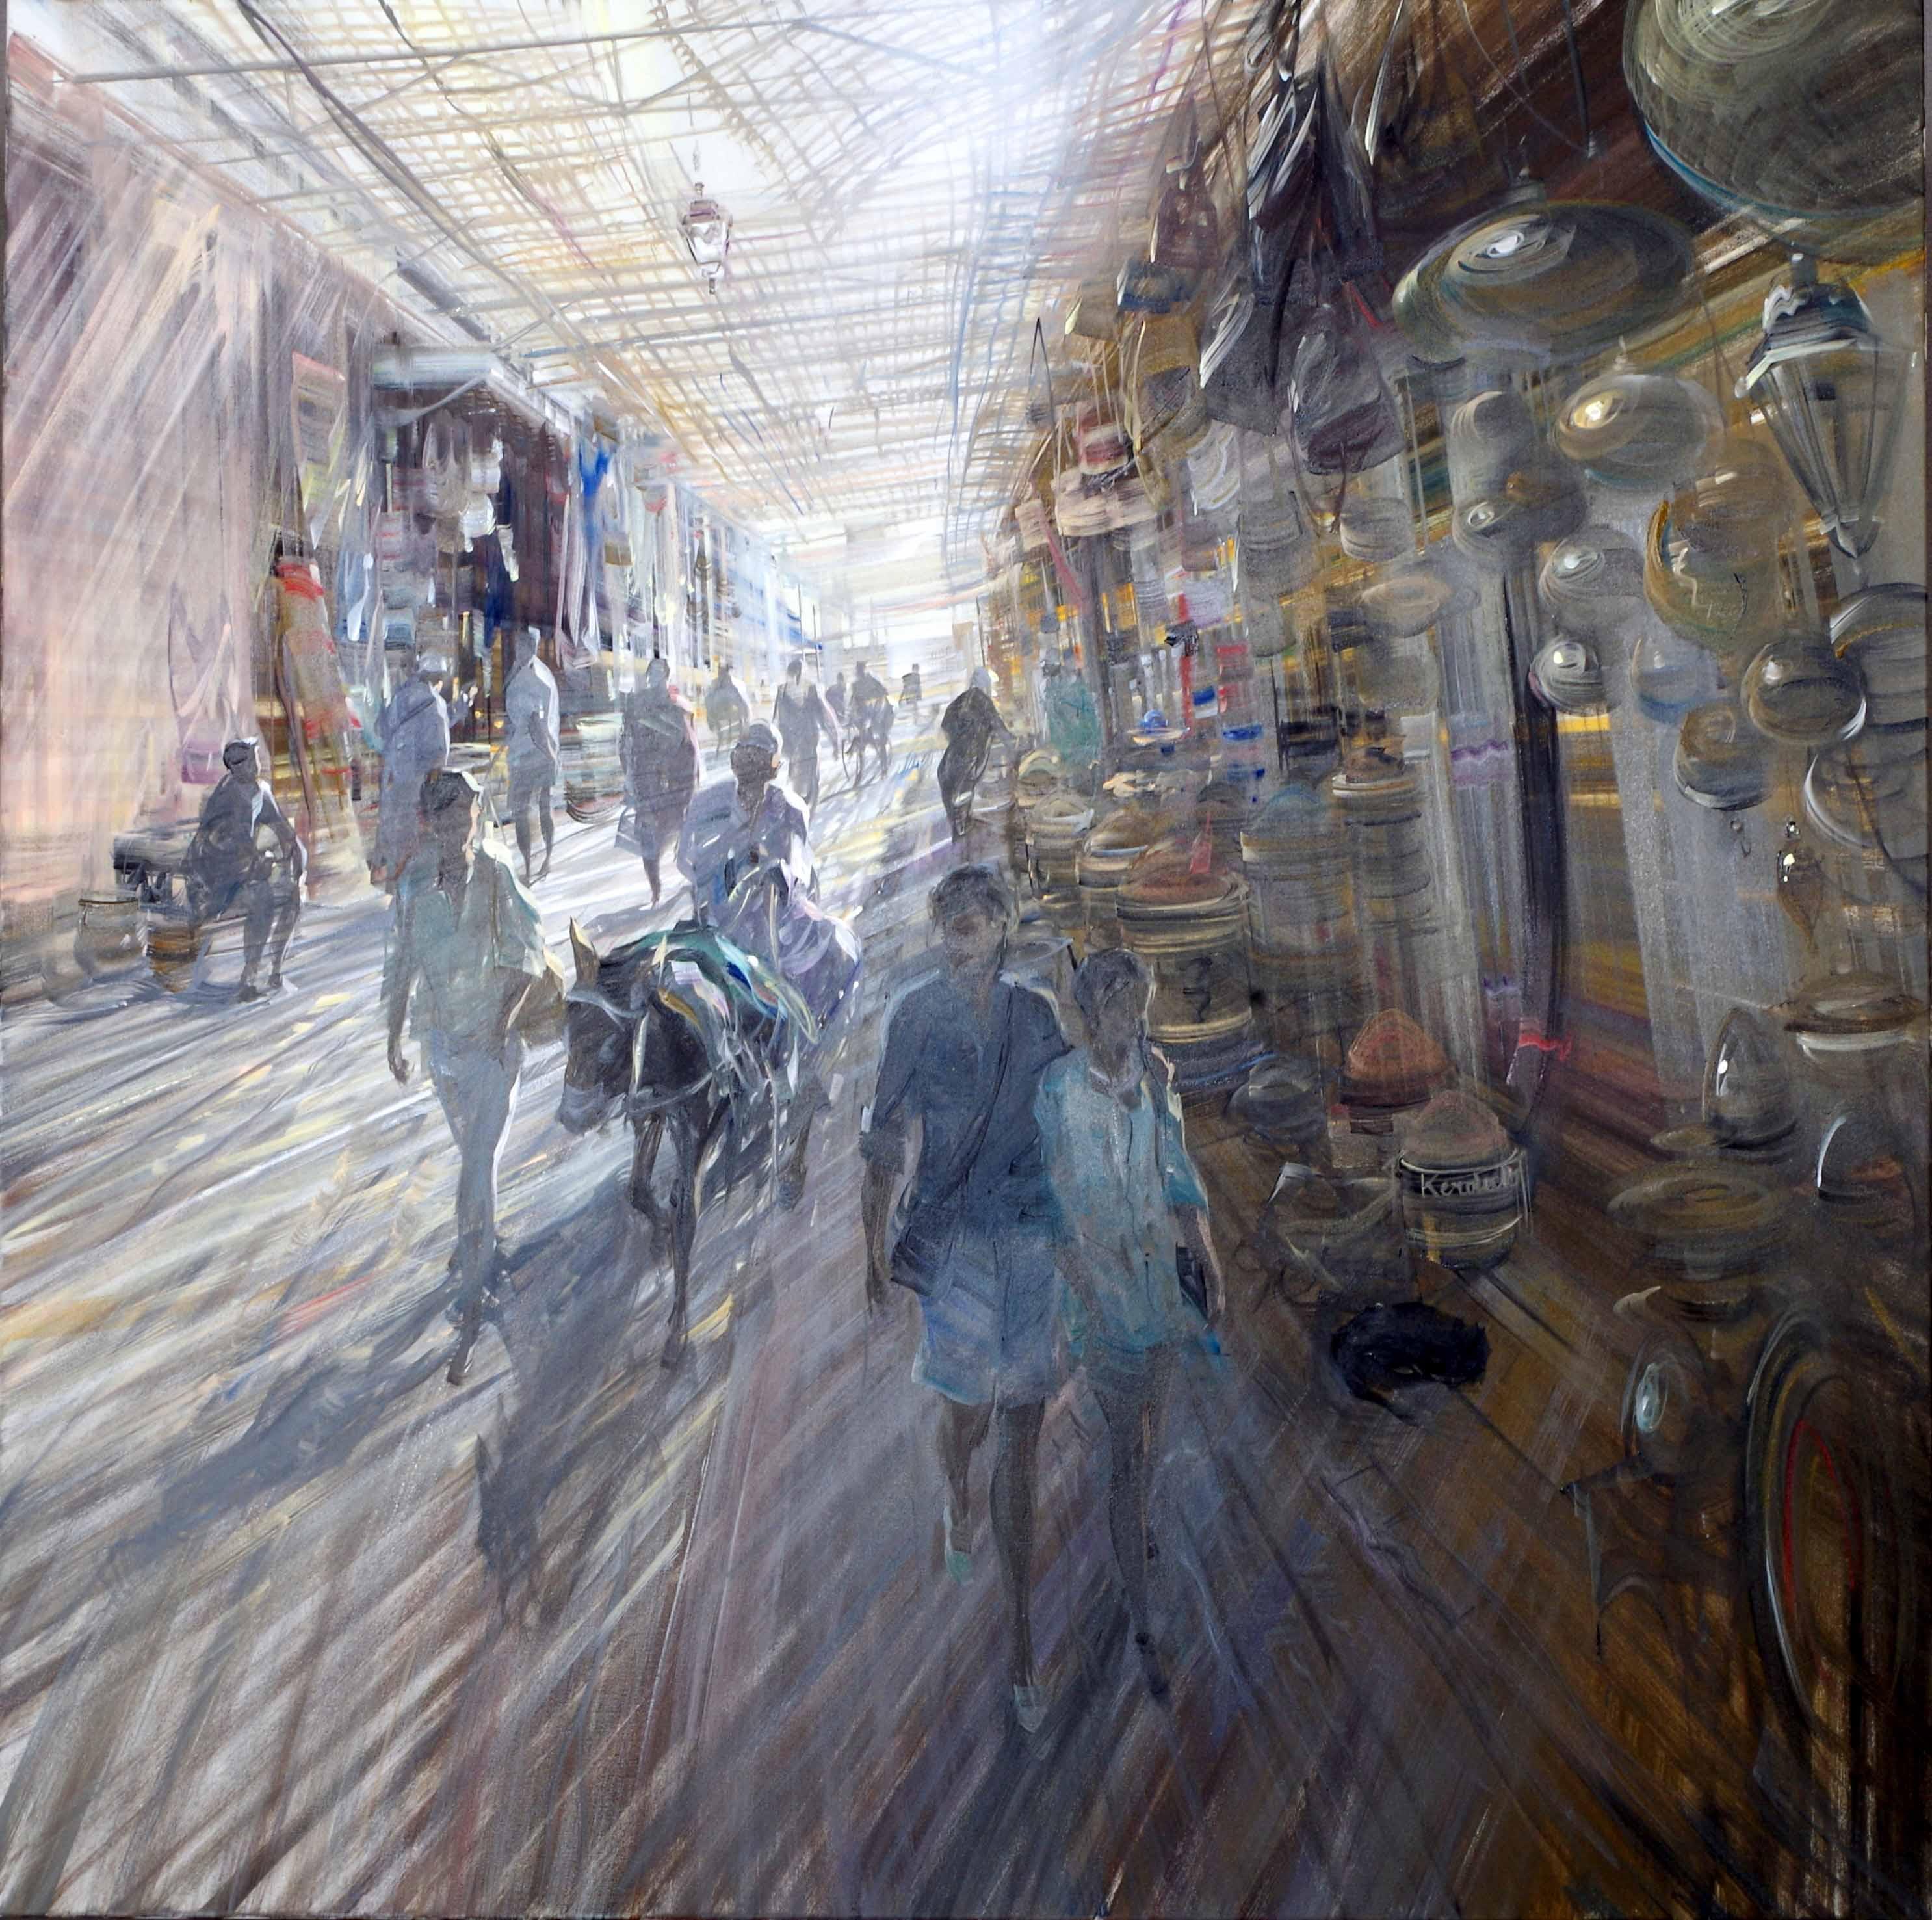 kerdalo artiste peinture marrakech le souk